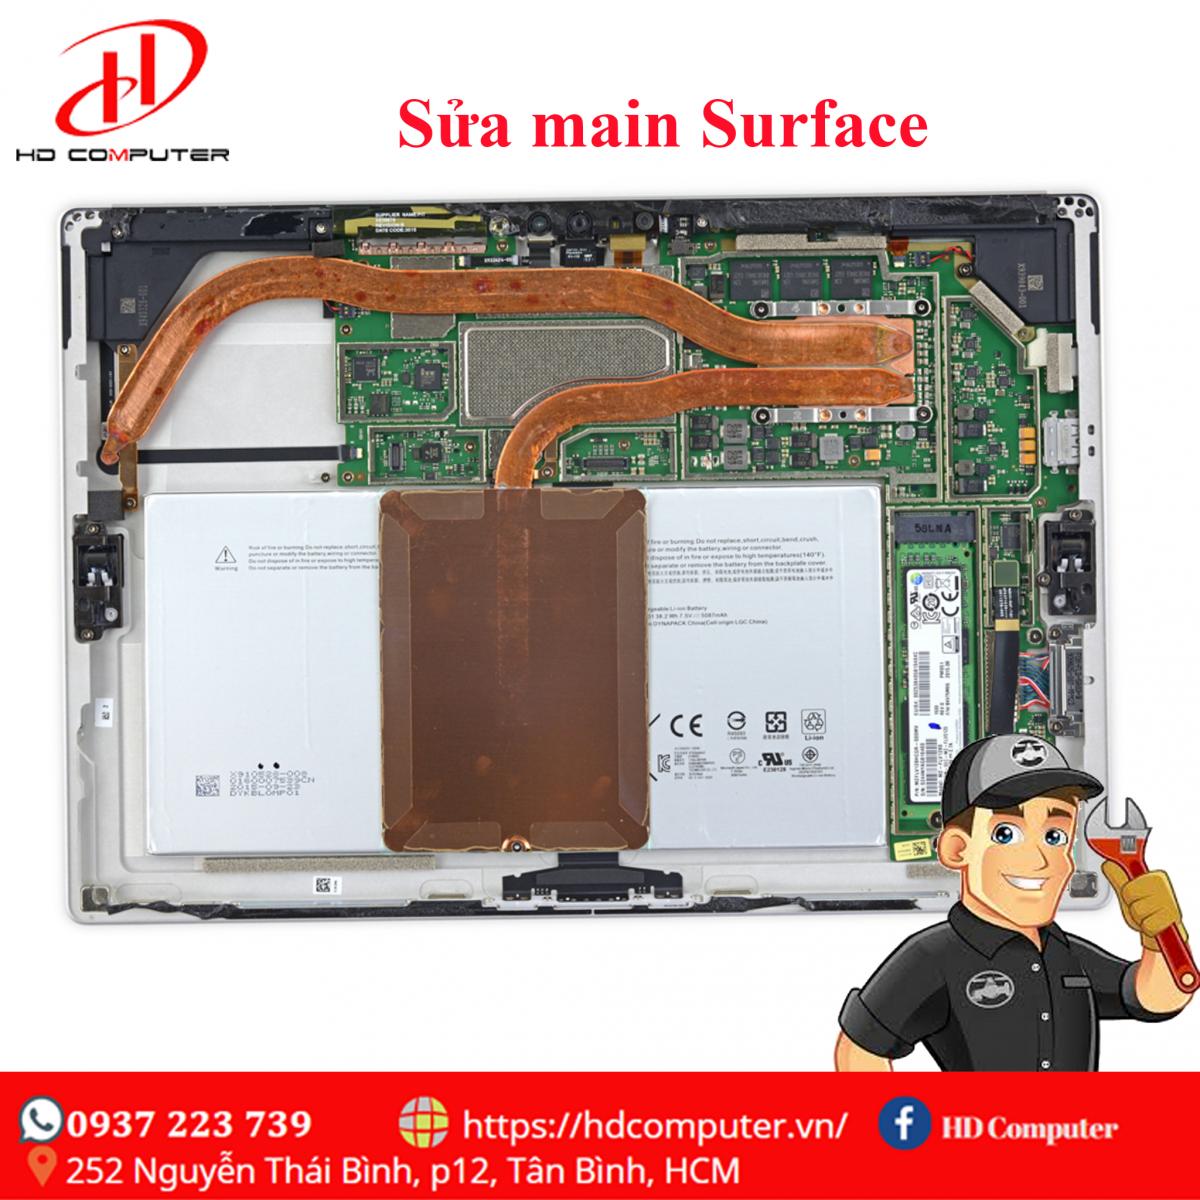 Sửa main surface